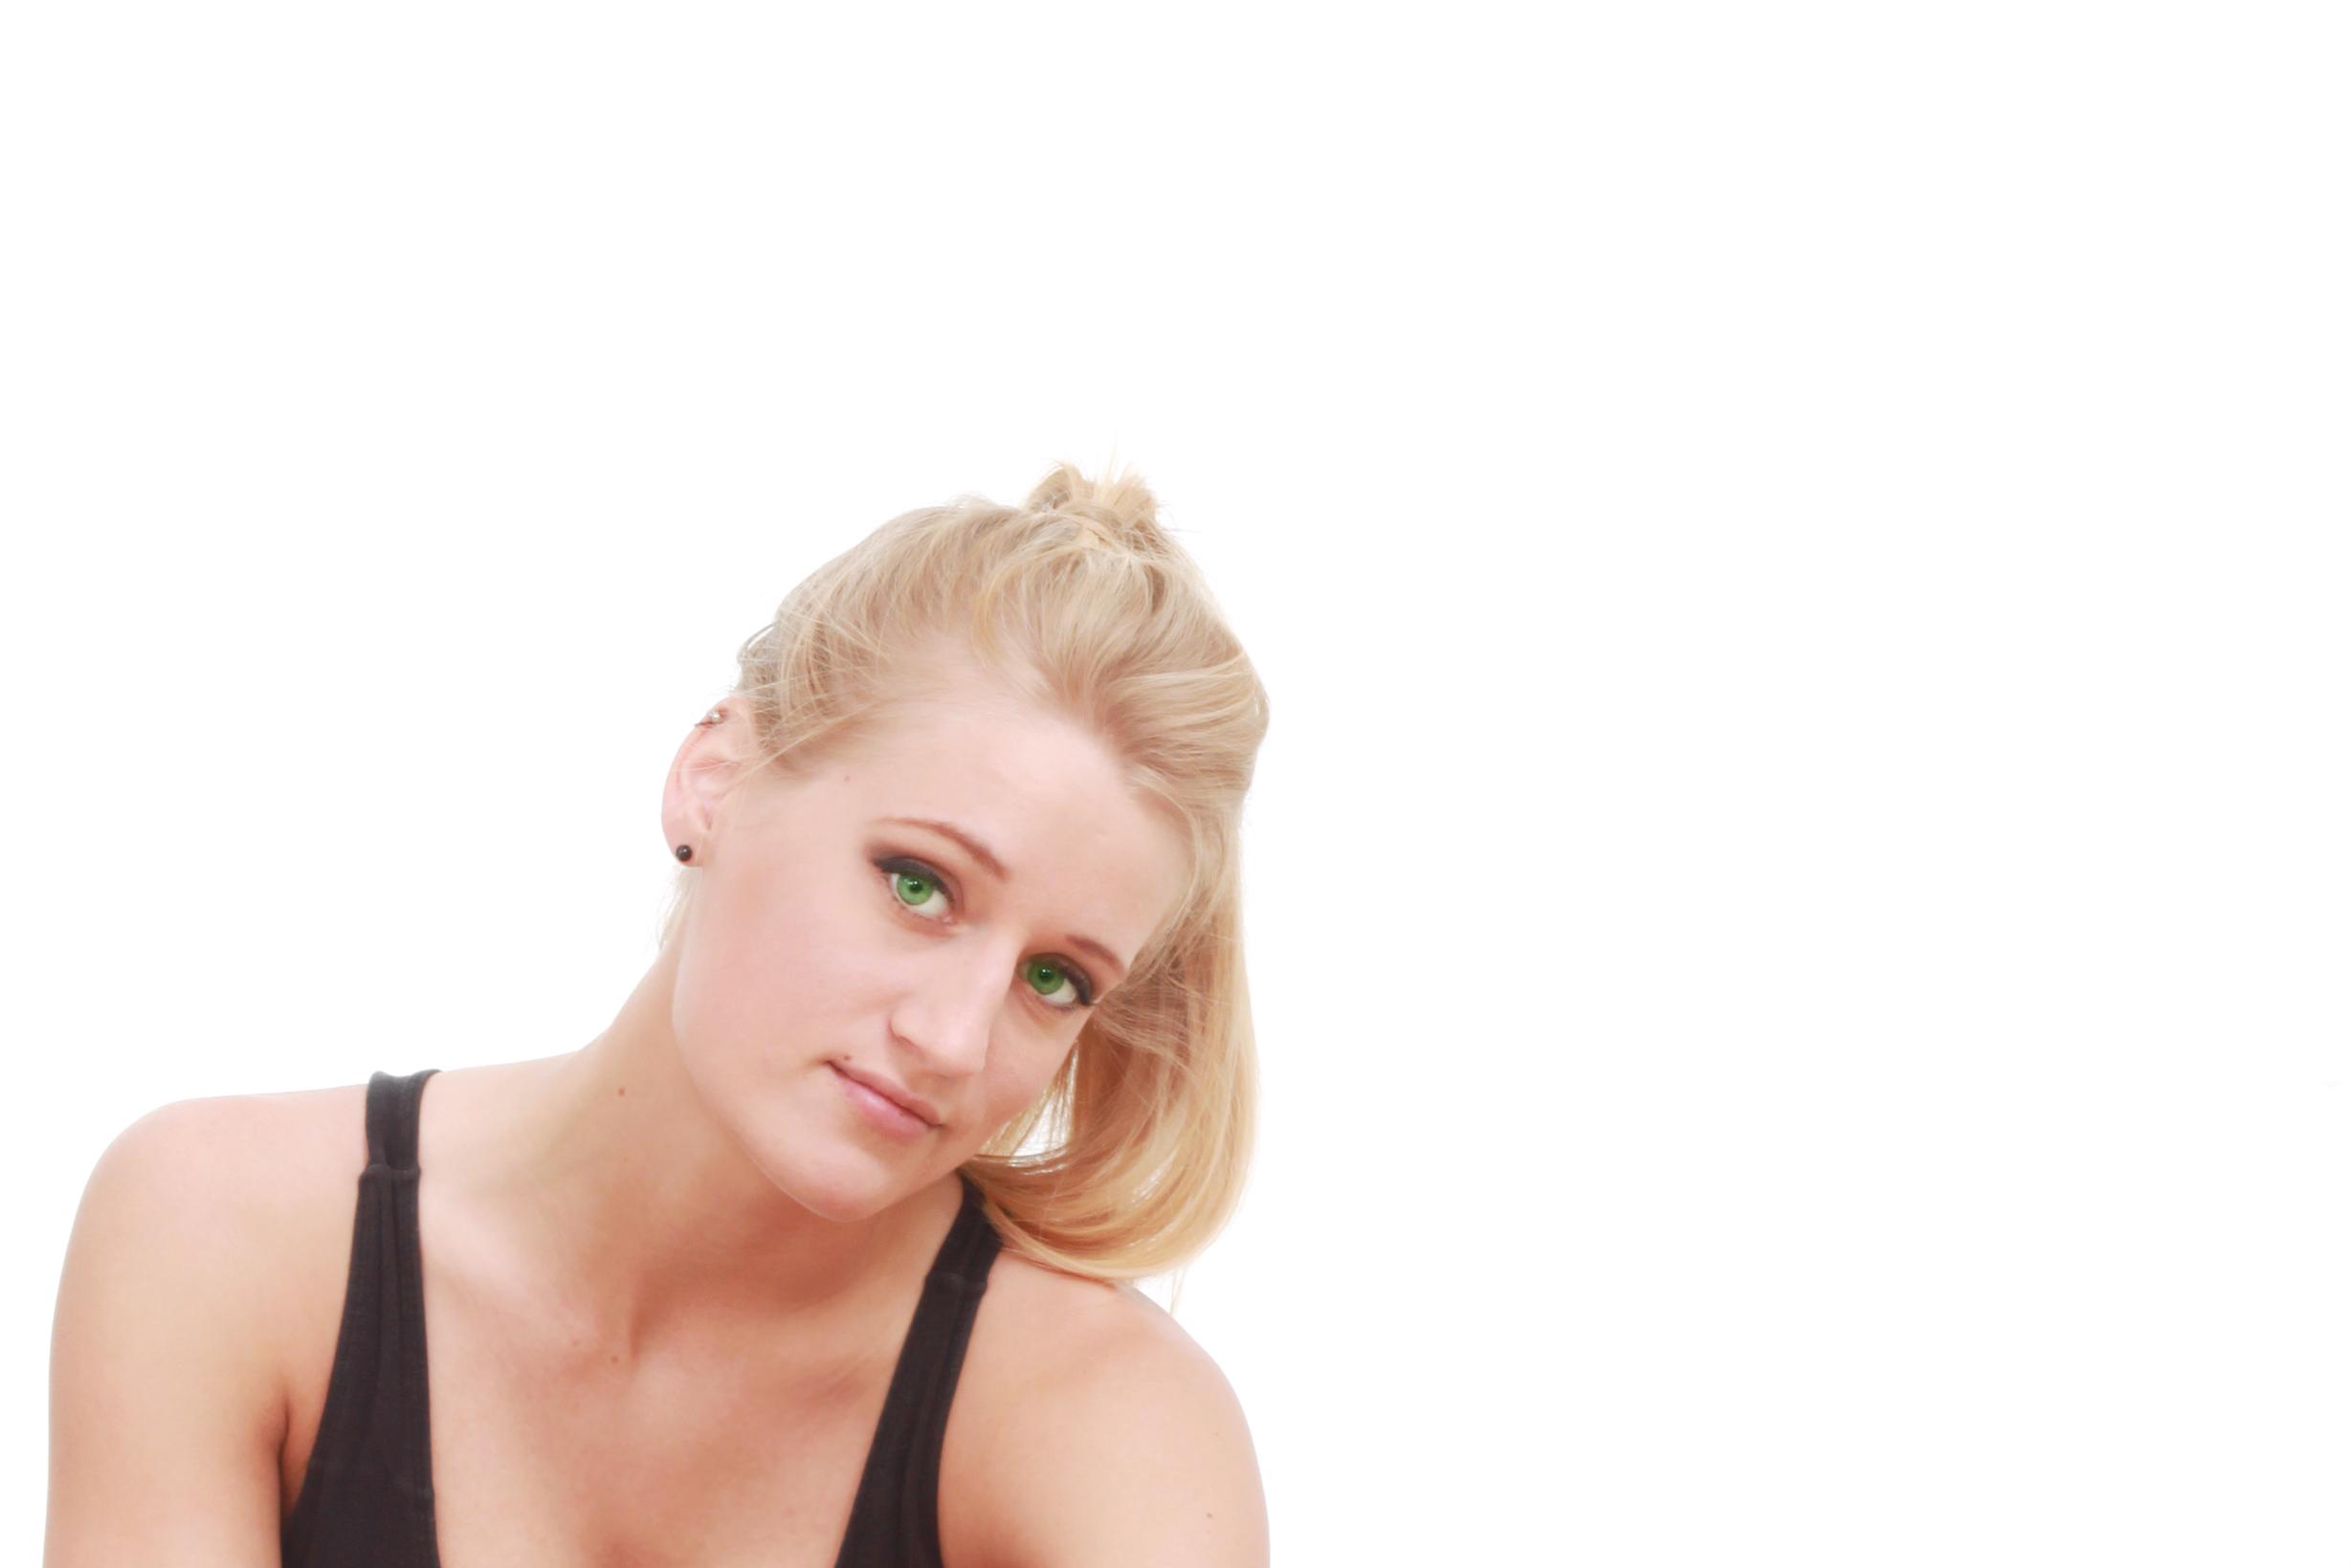 Woman on white photo